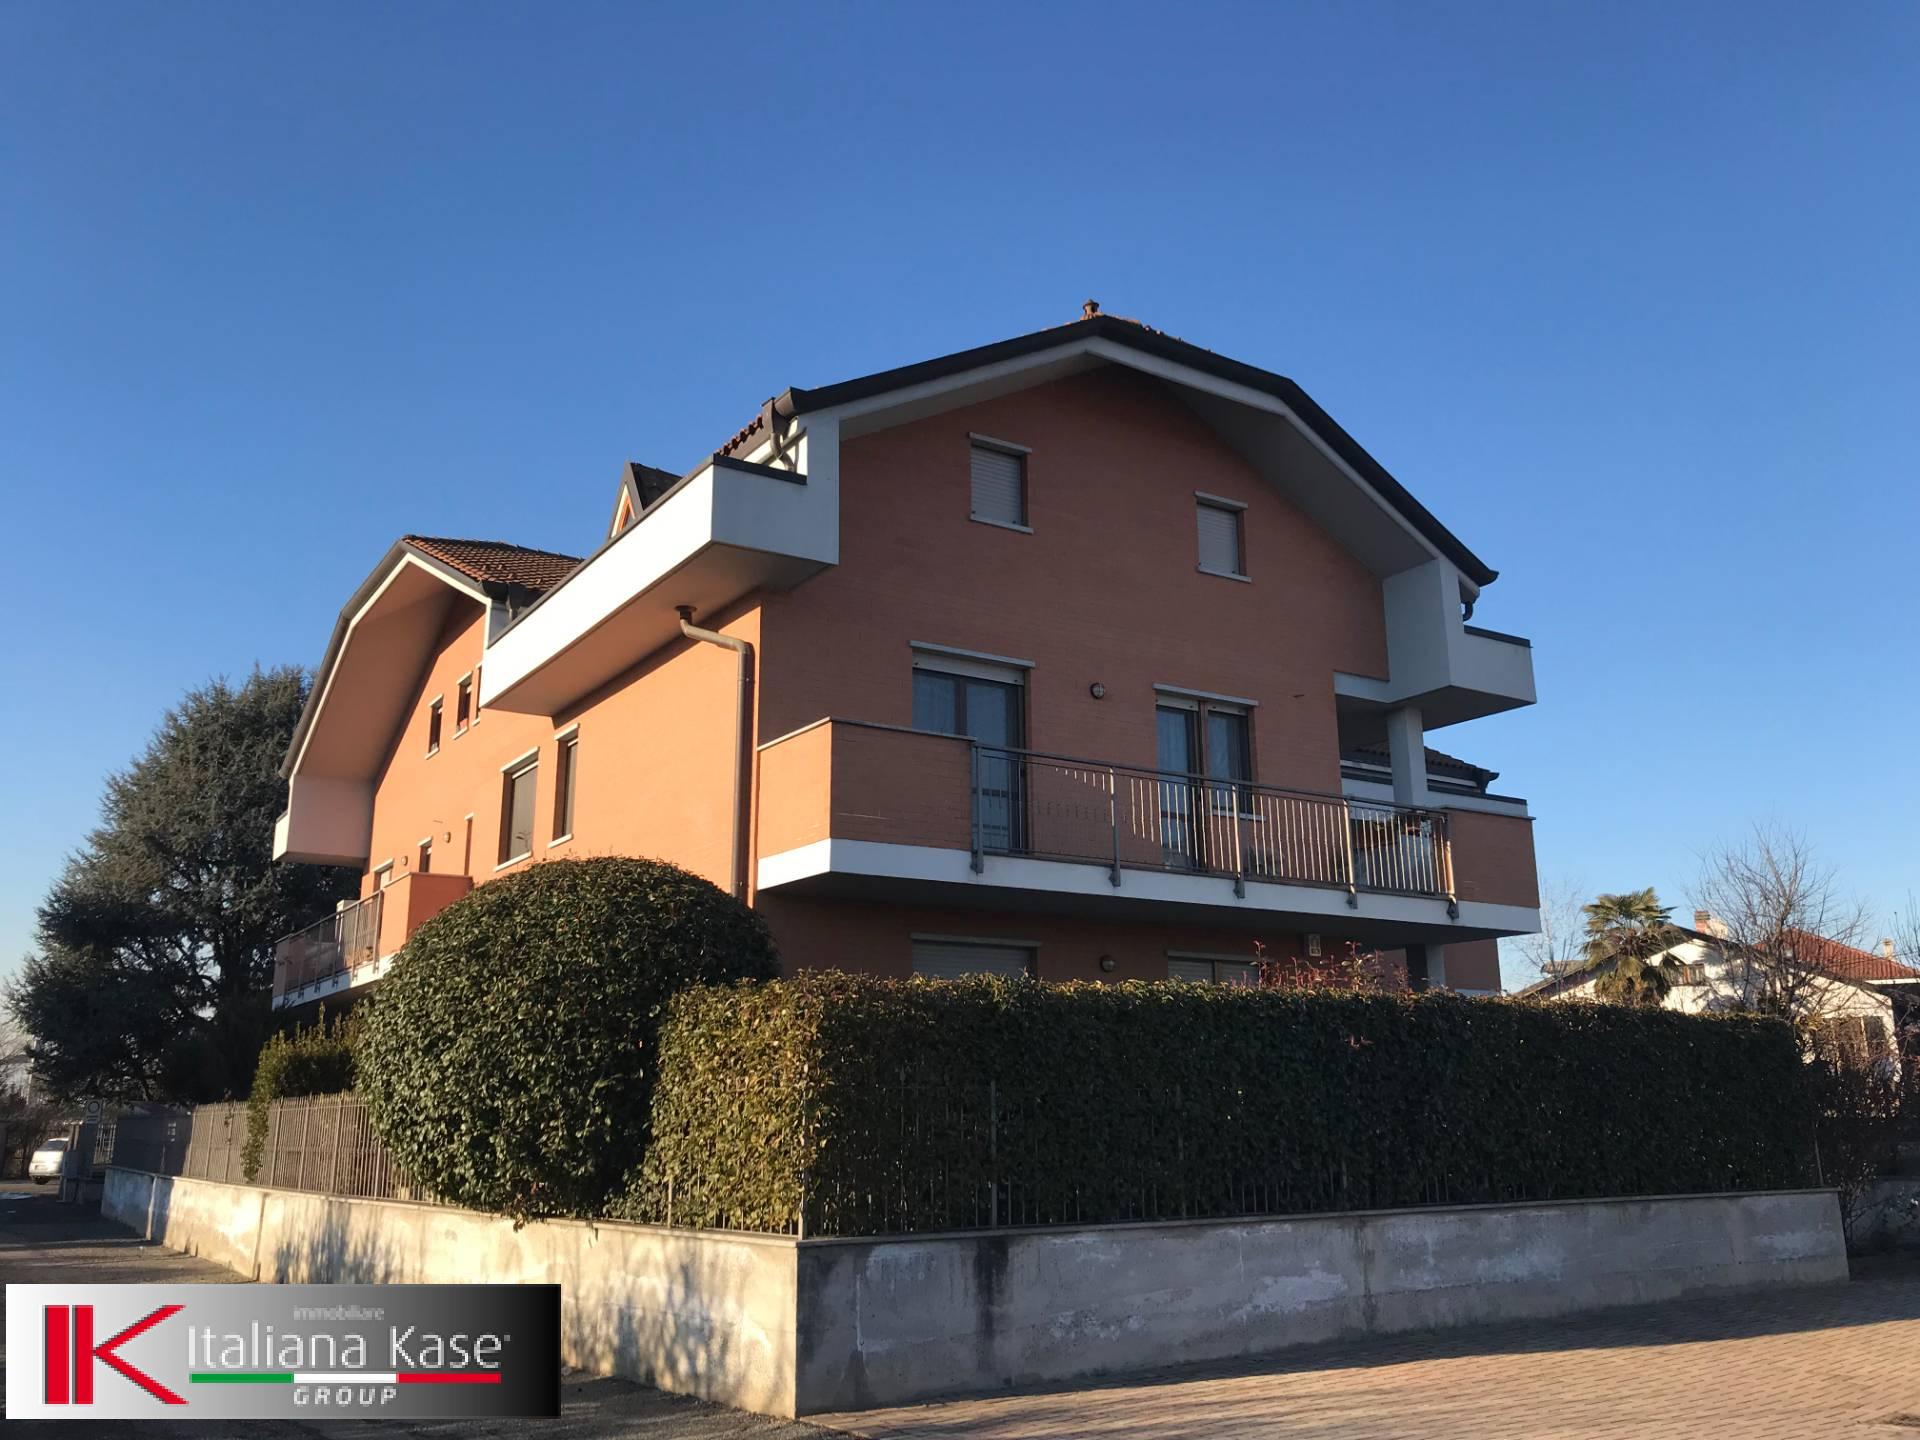 Appartamento in vendita a San Mauro Torinese, 5 locali, zona Località: OltrePo, prezzo € 239.000 | PortaleAgenzieImmobiliari.it